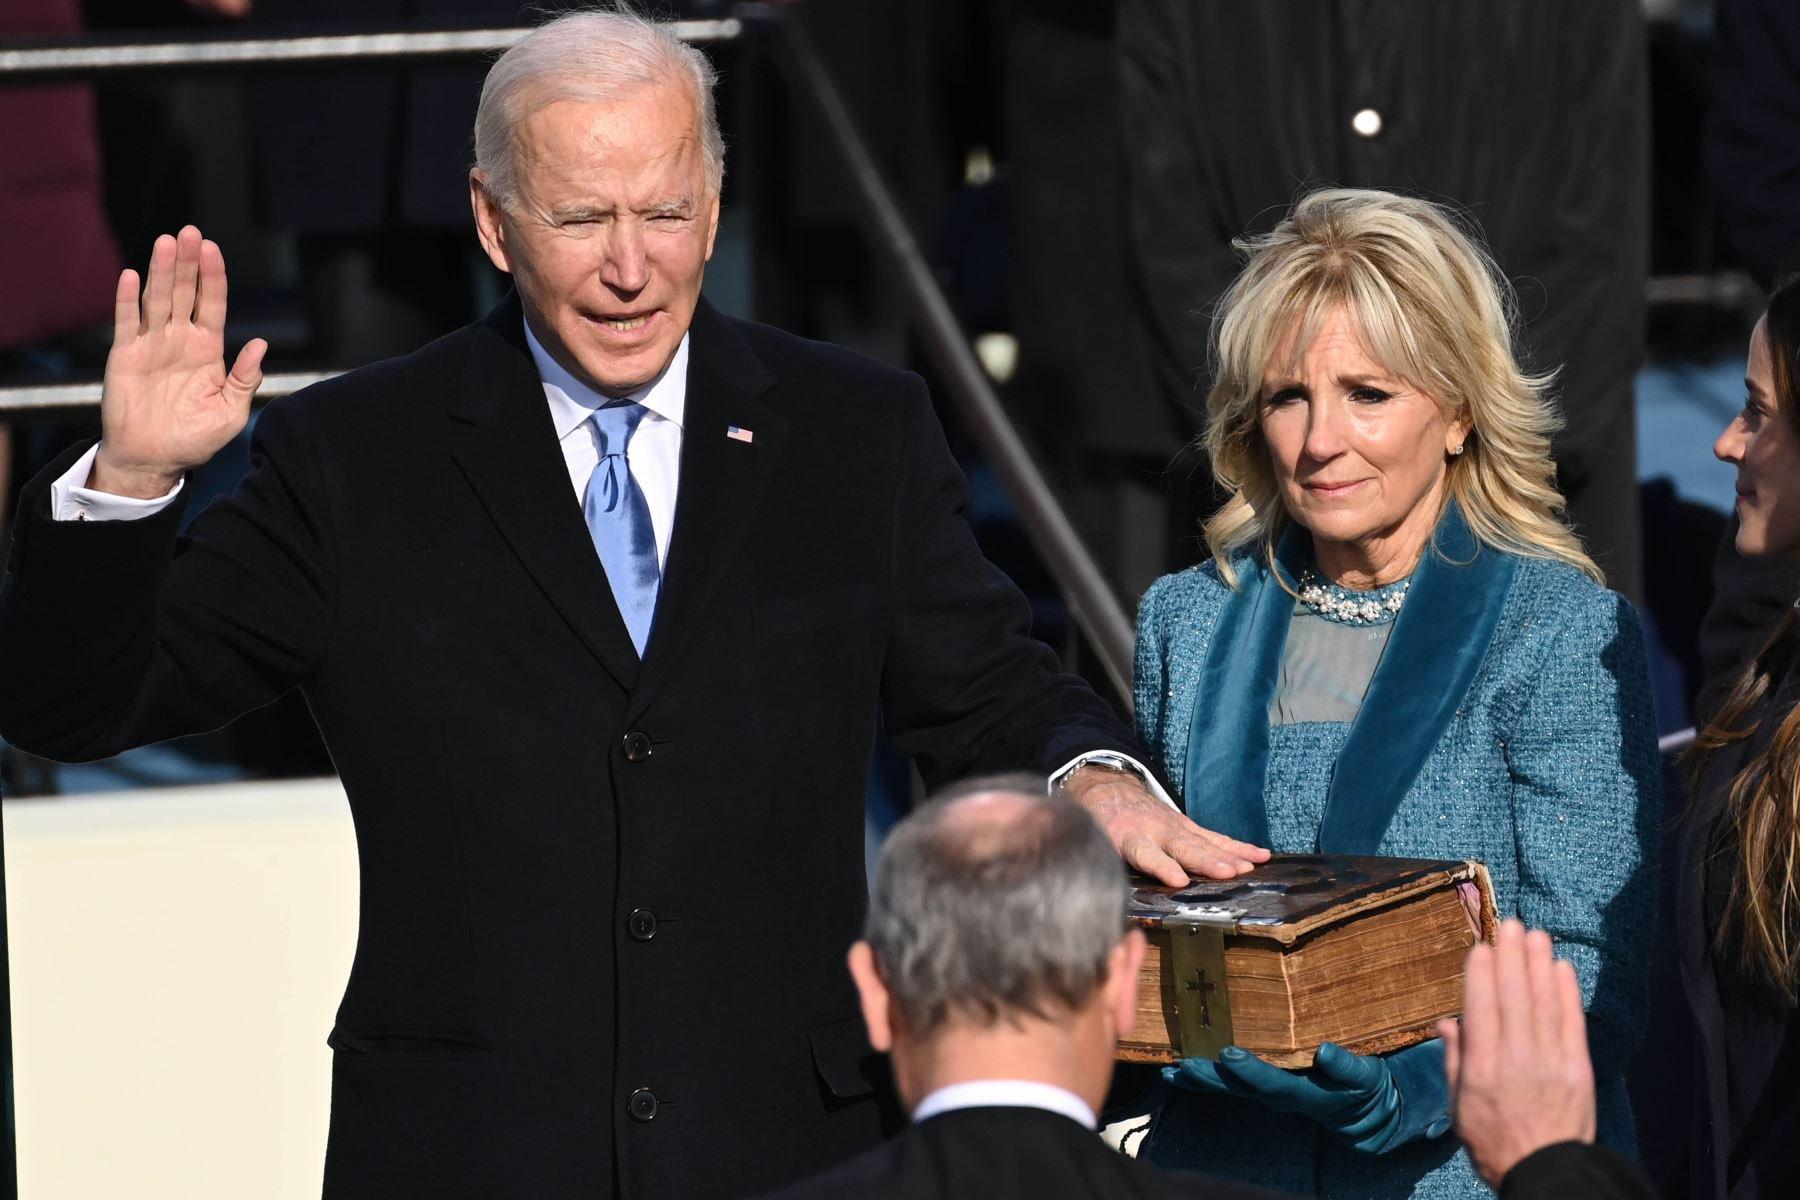 La democracia ha ganado: Joe Biden